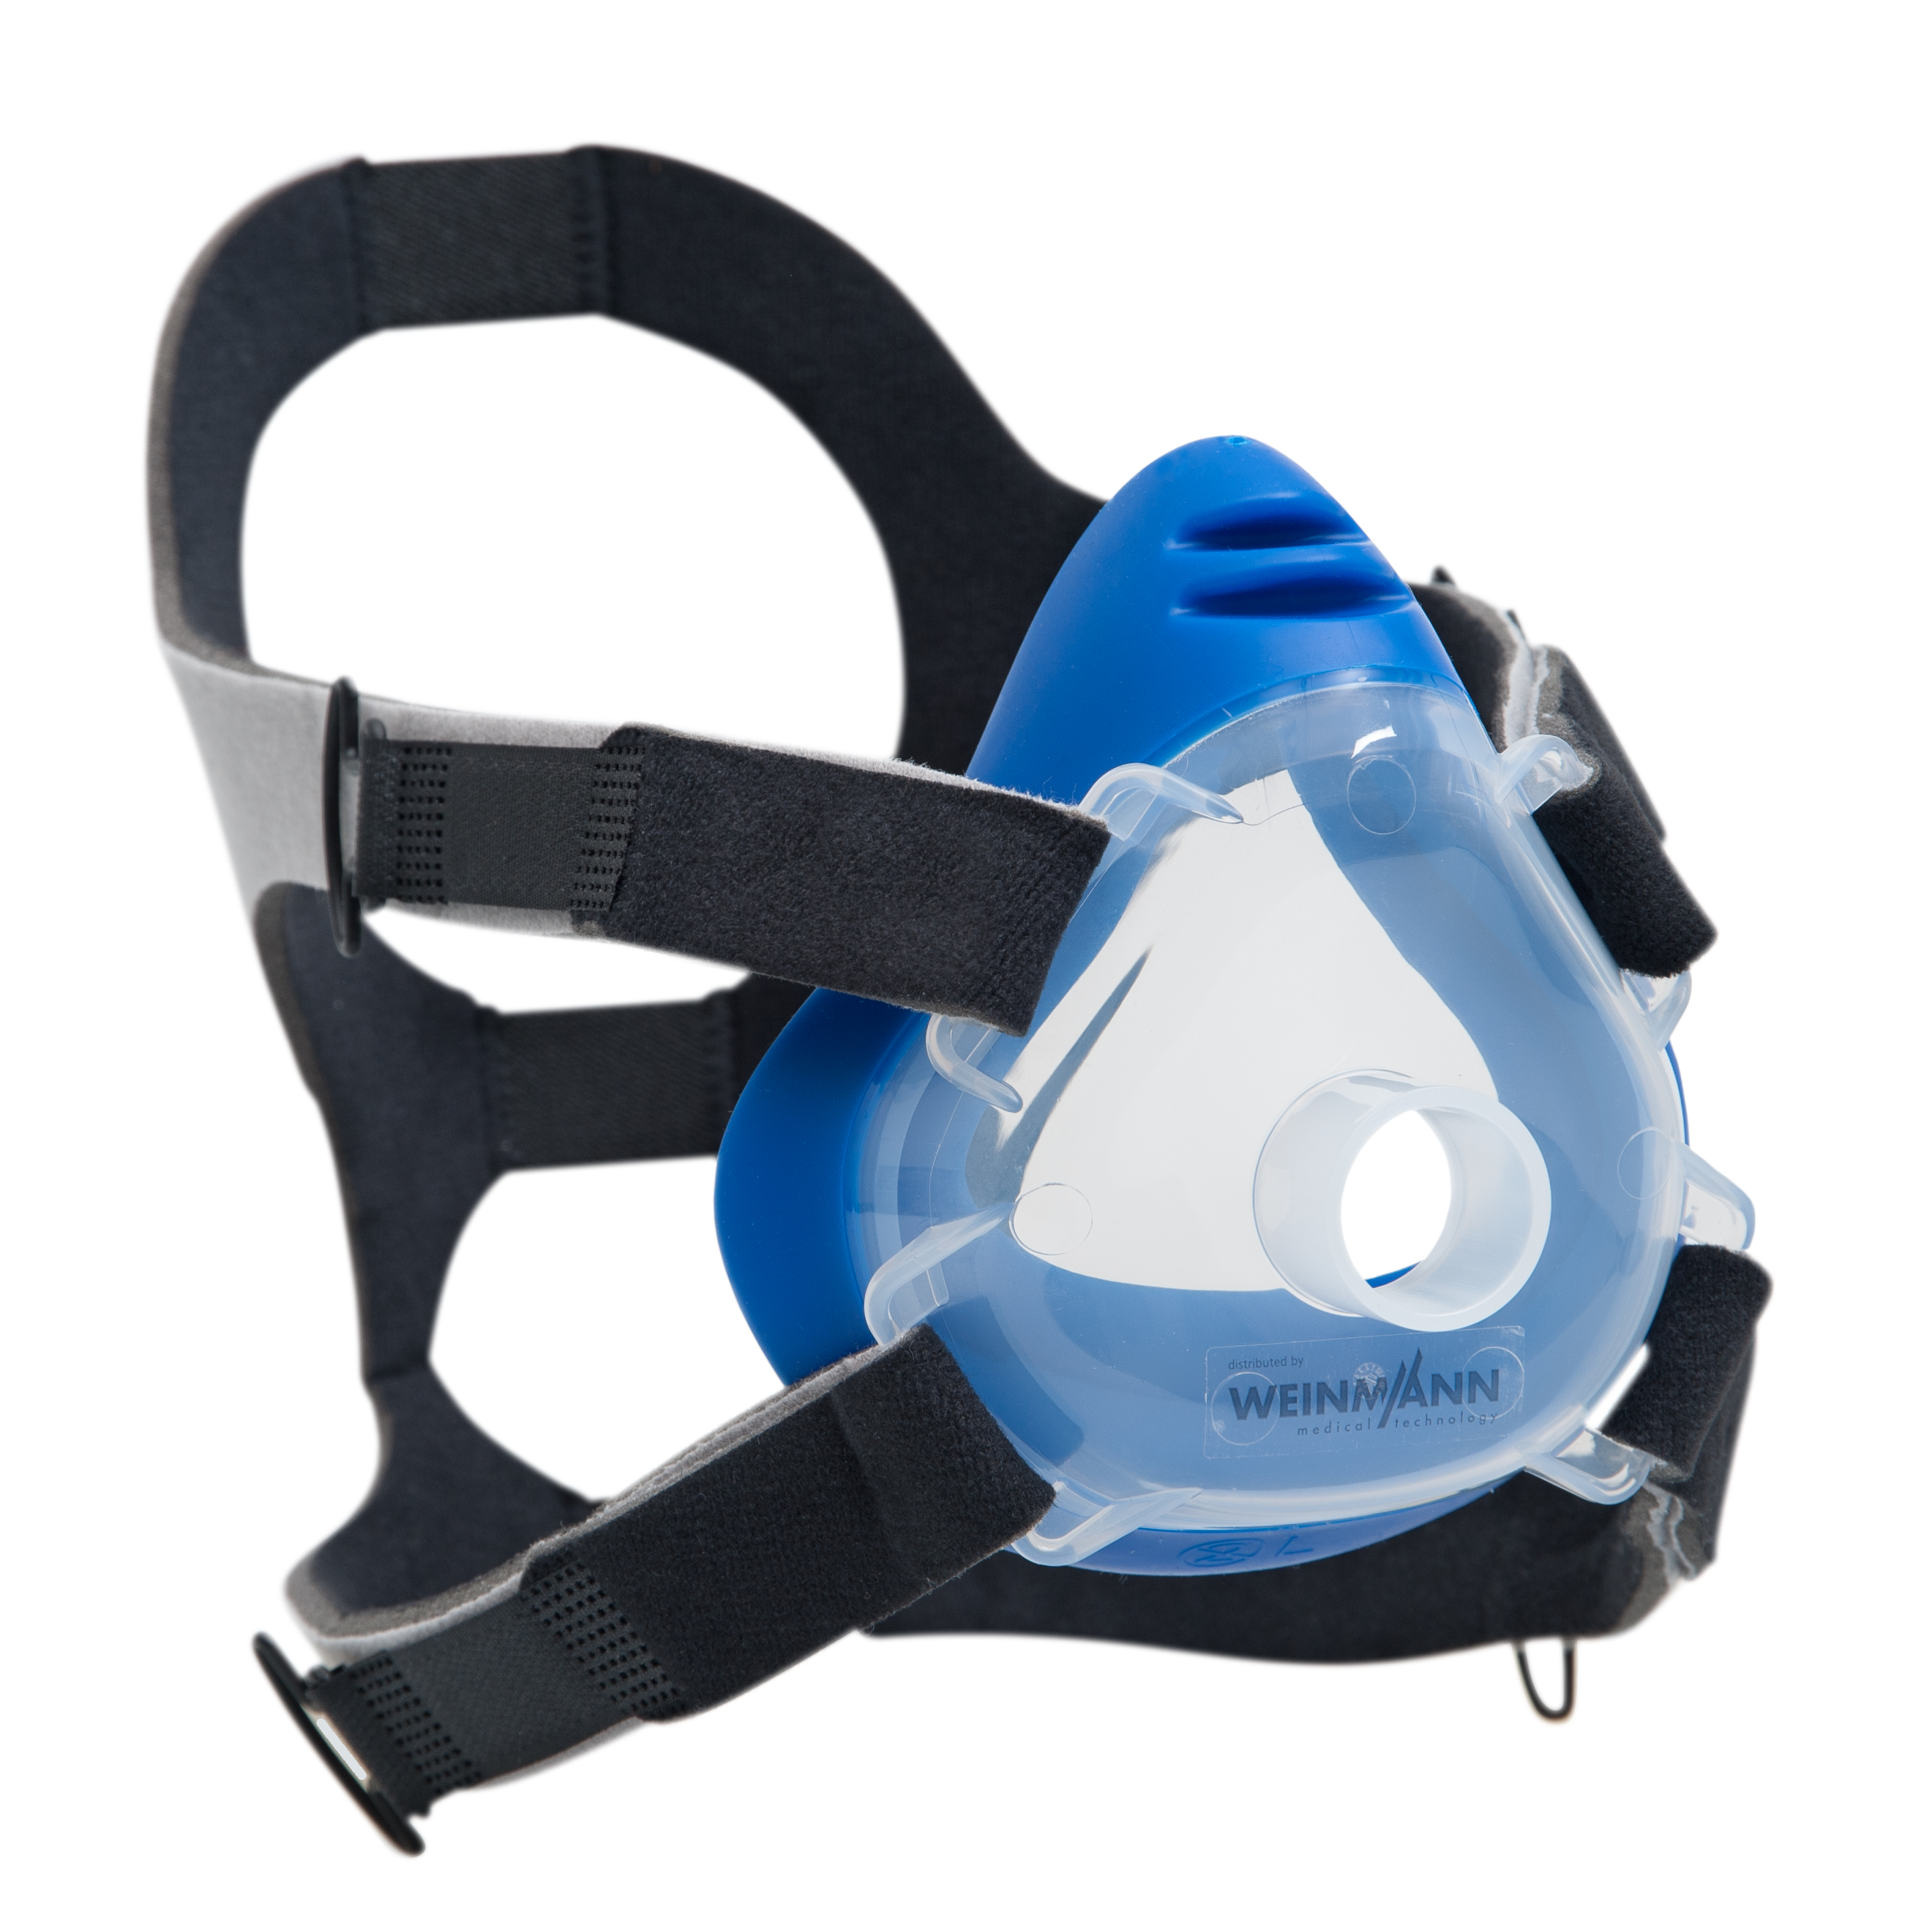 Premium CPAP-/NIV-Einwegmaske inkl. Kopfbänderung  Größe L (großer Erwachsener)